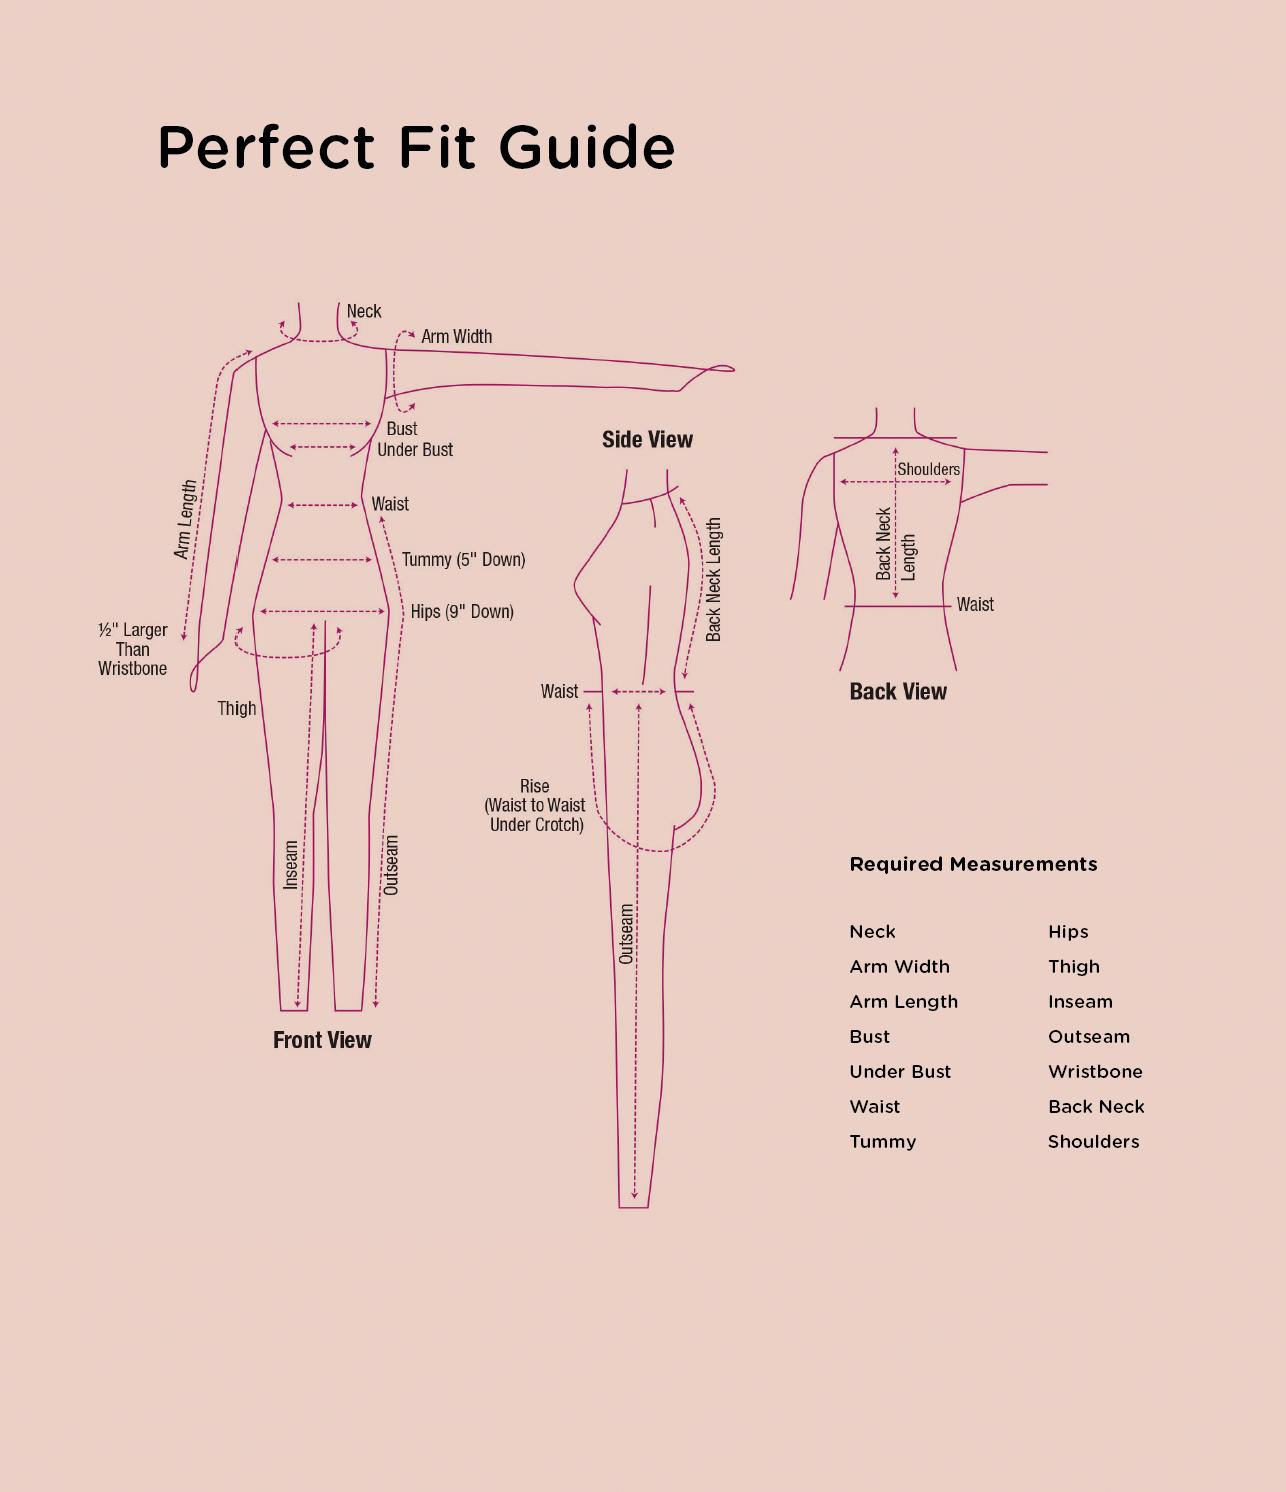 perfectfit2.jpg